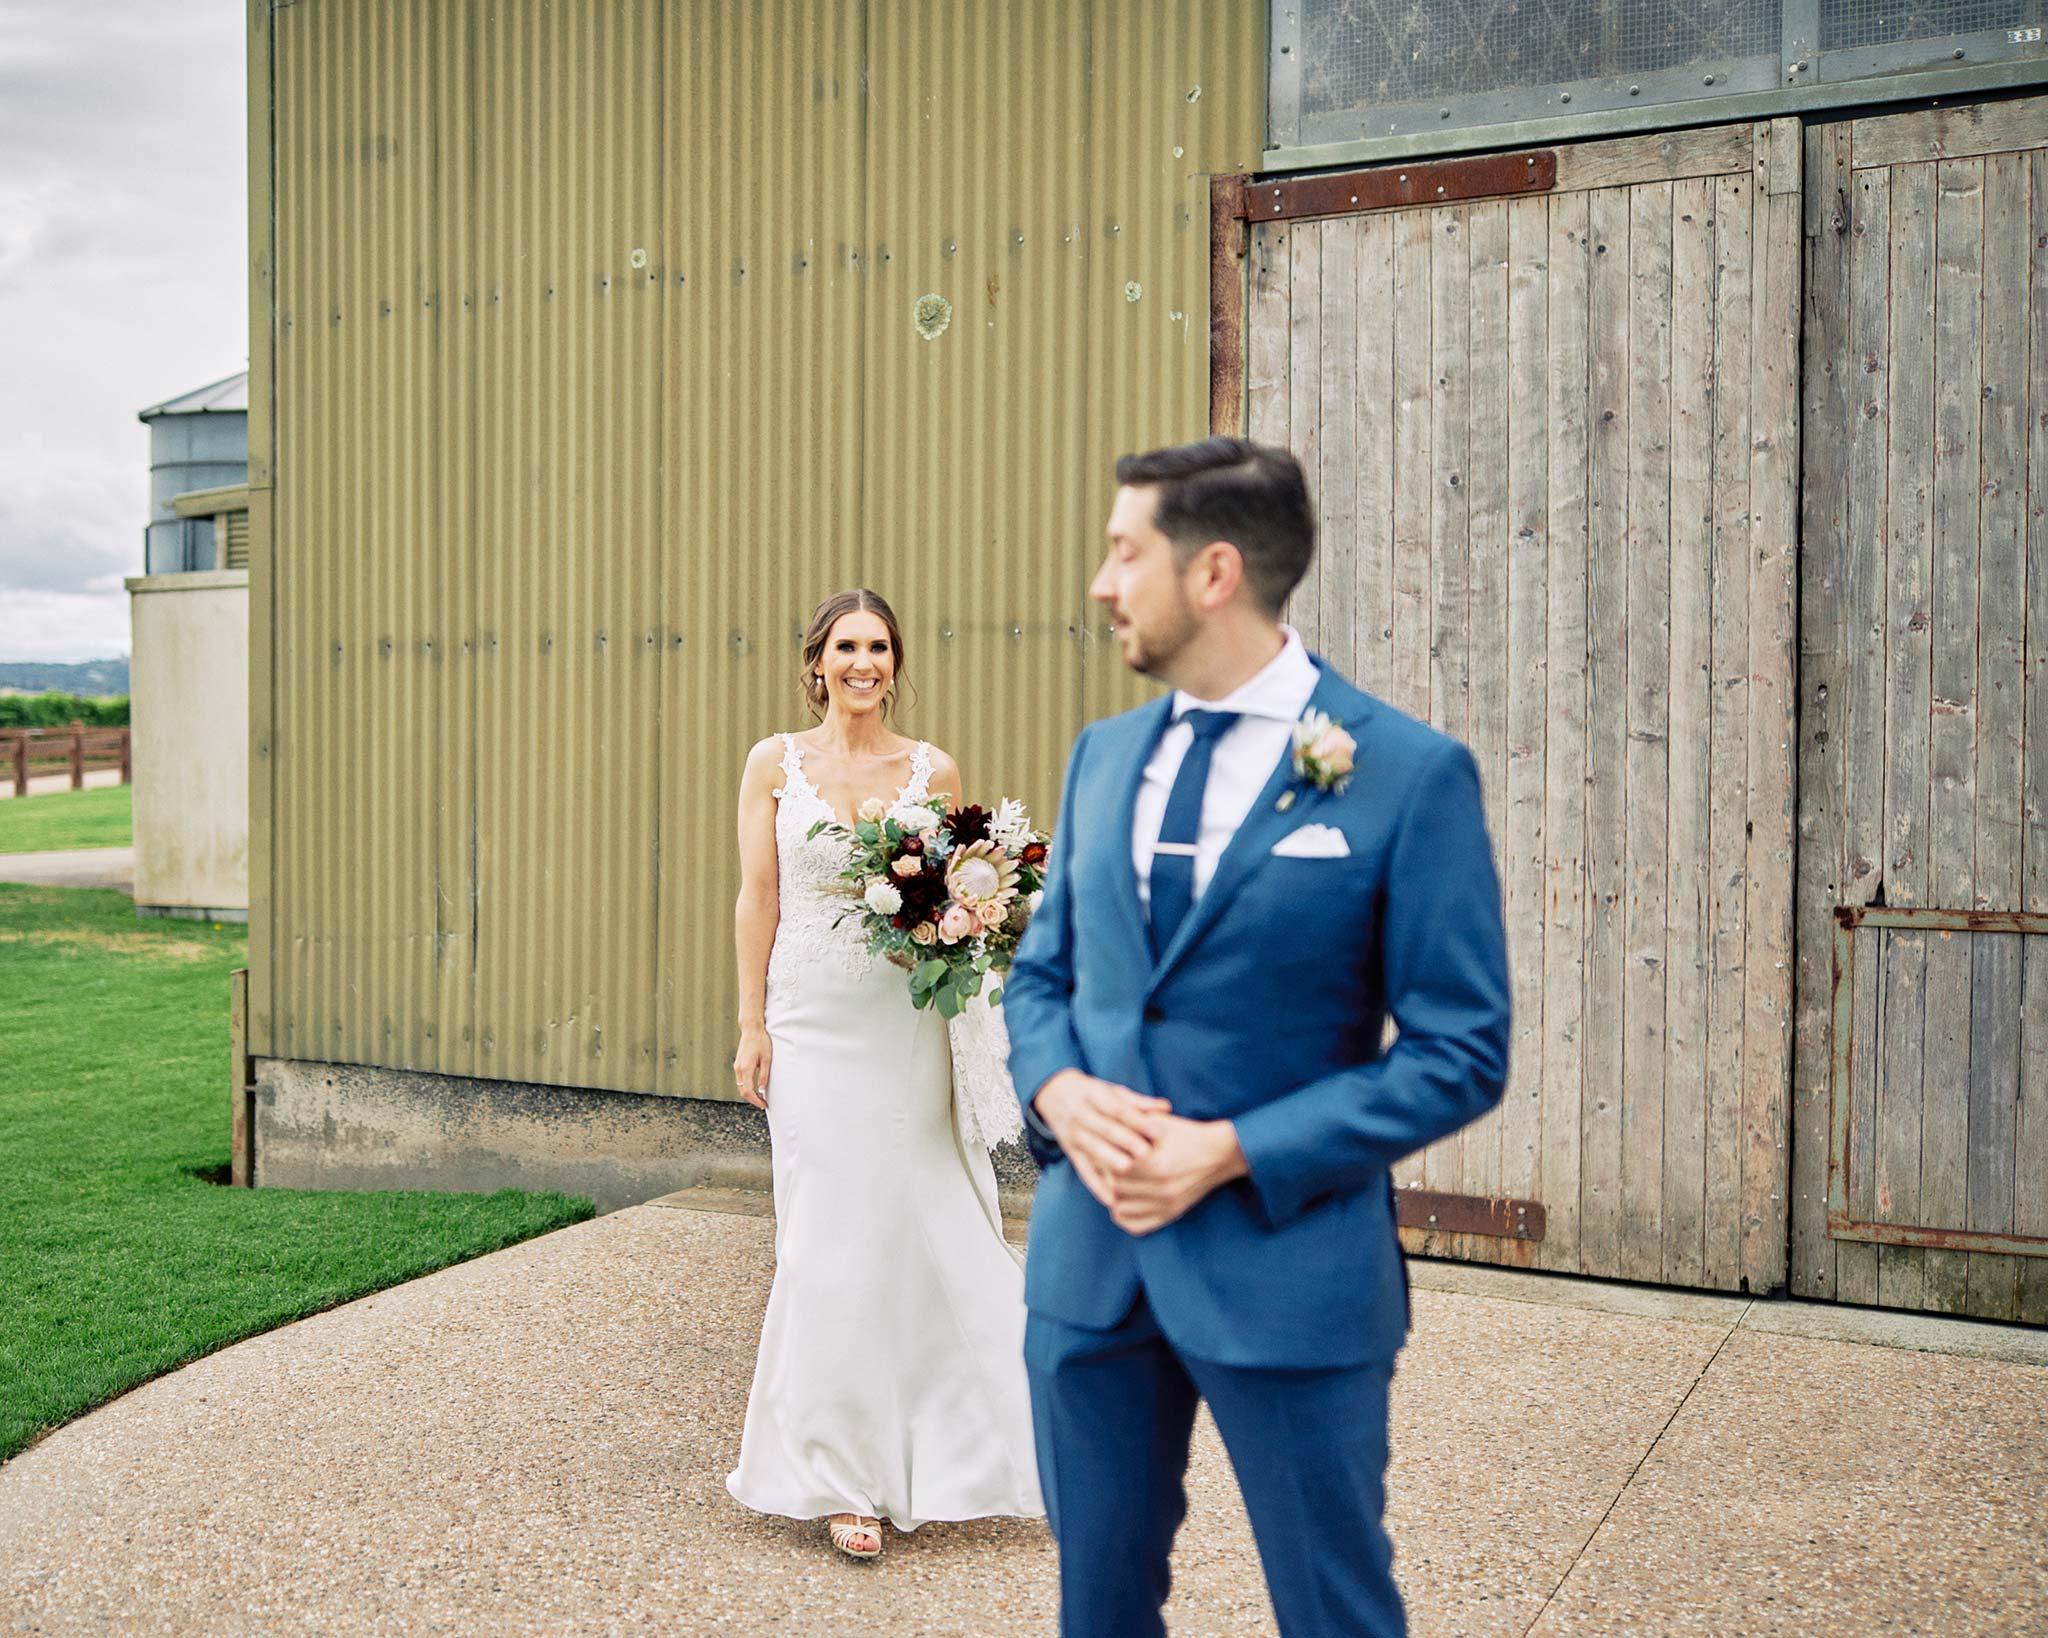 Zonzo estate wedding first look